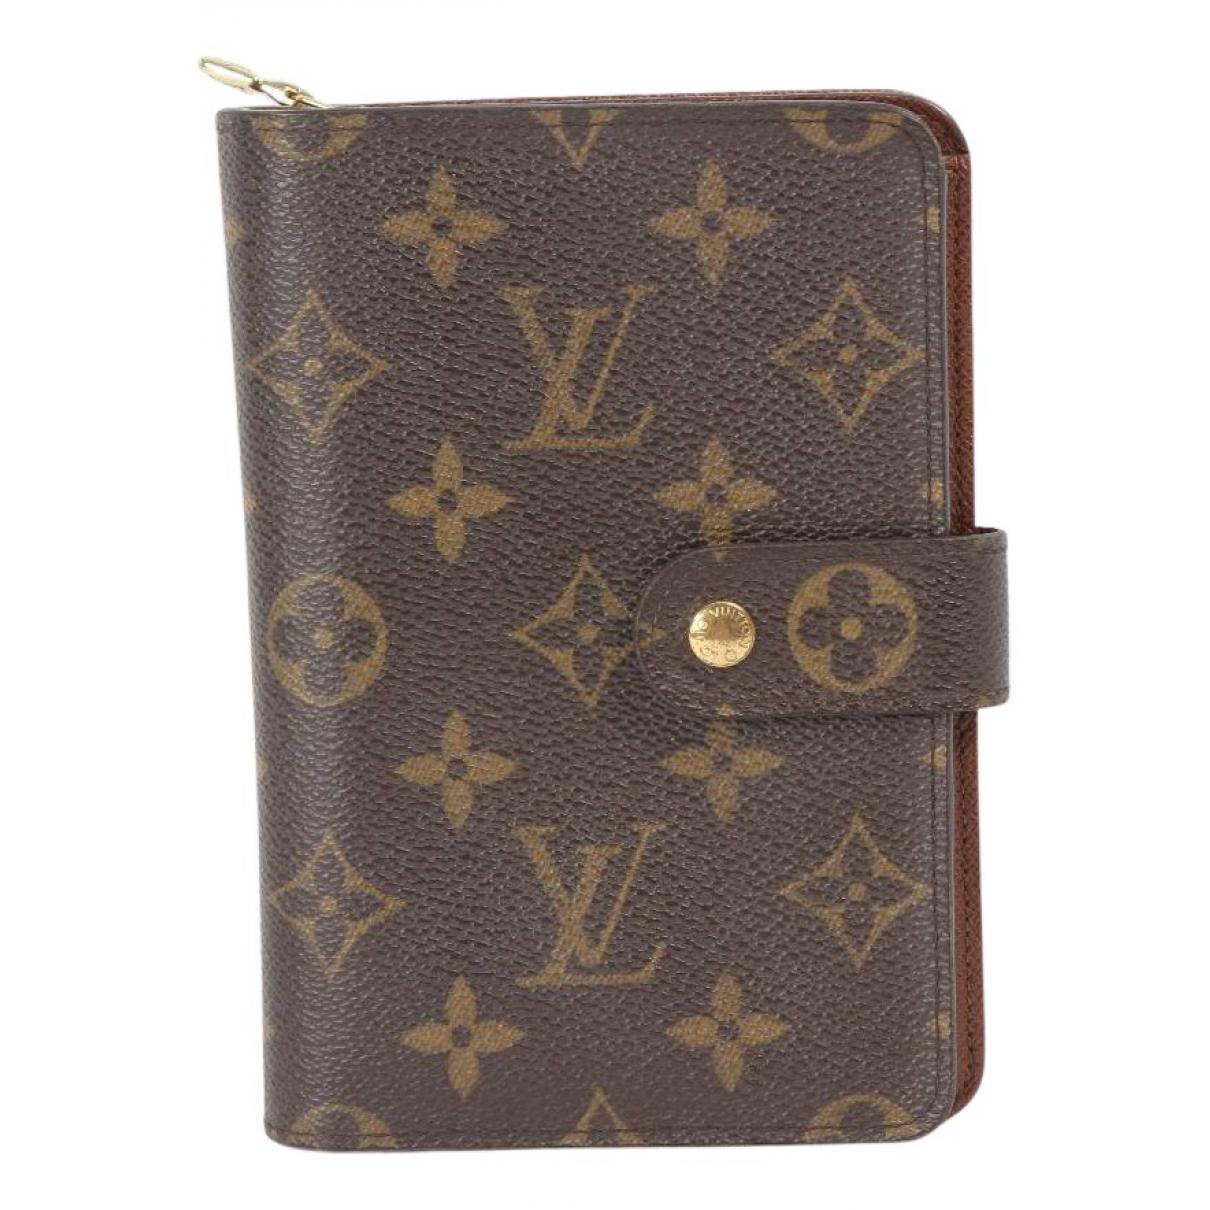 Cartera de Lona Louis Vuitton